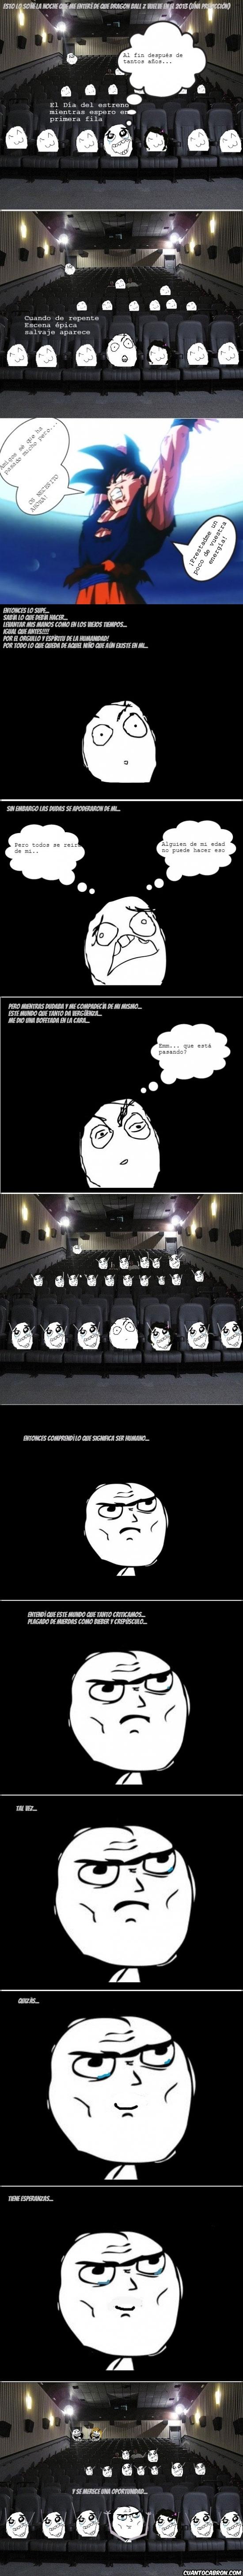 Viendo Dragon Ball en el cine